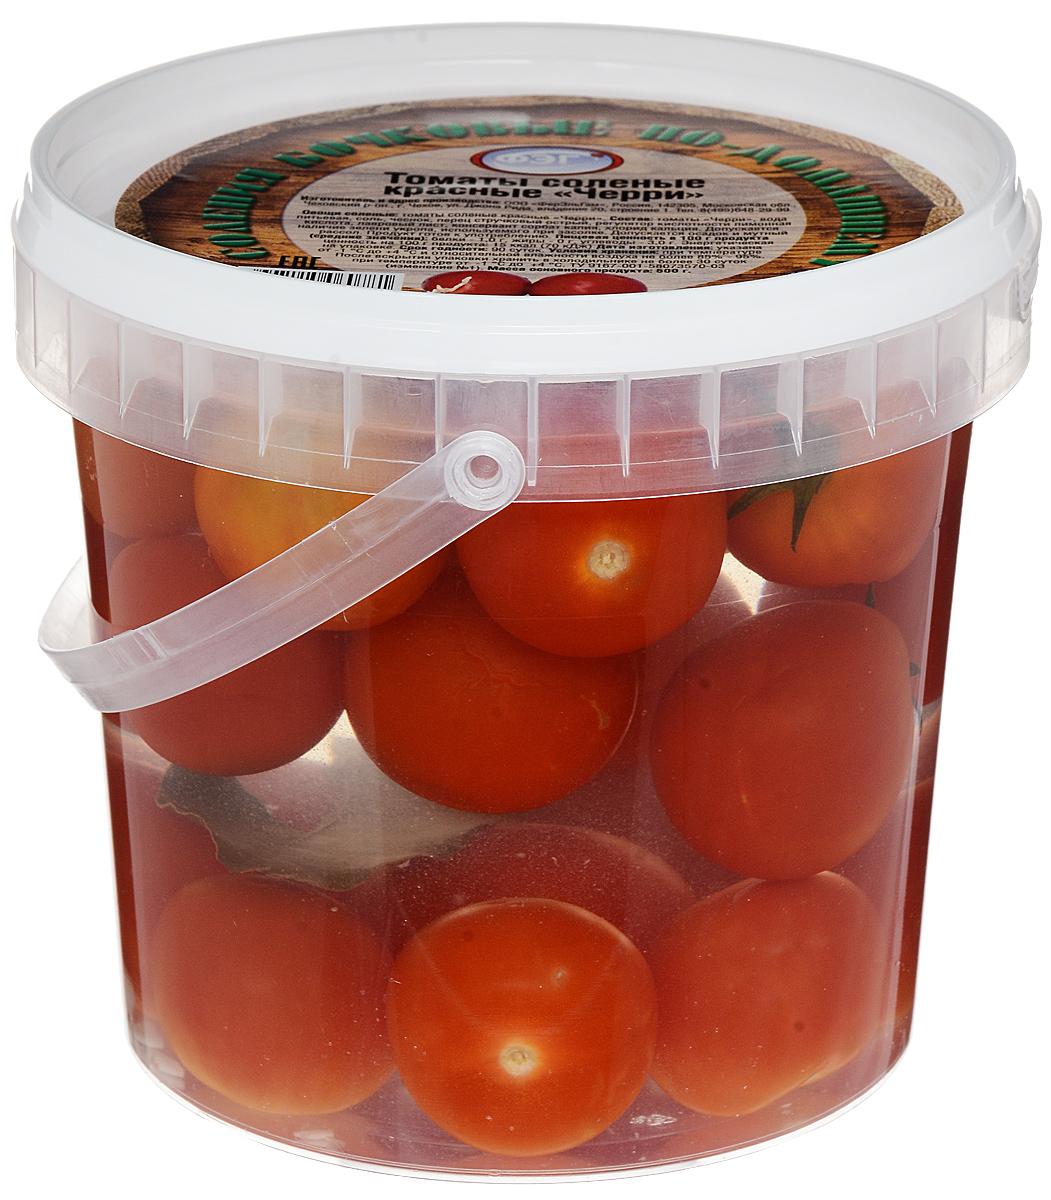 Фото - ФЭГ Помидоры красные Черри, соленые, 1000 г фэг чеснок белый соленый дольки 250 г